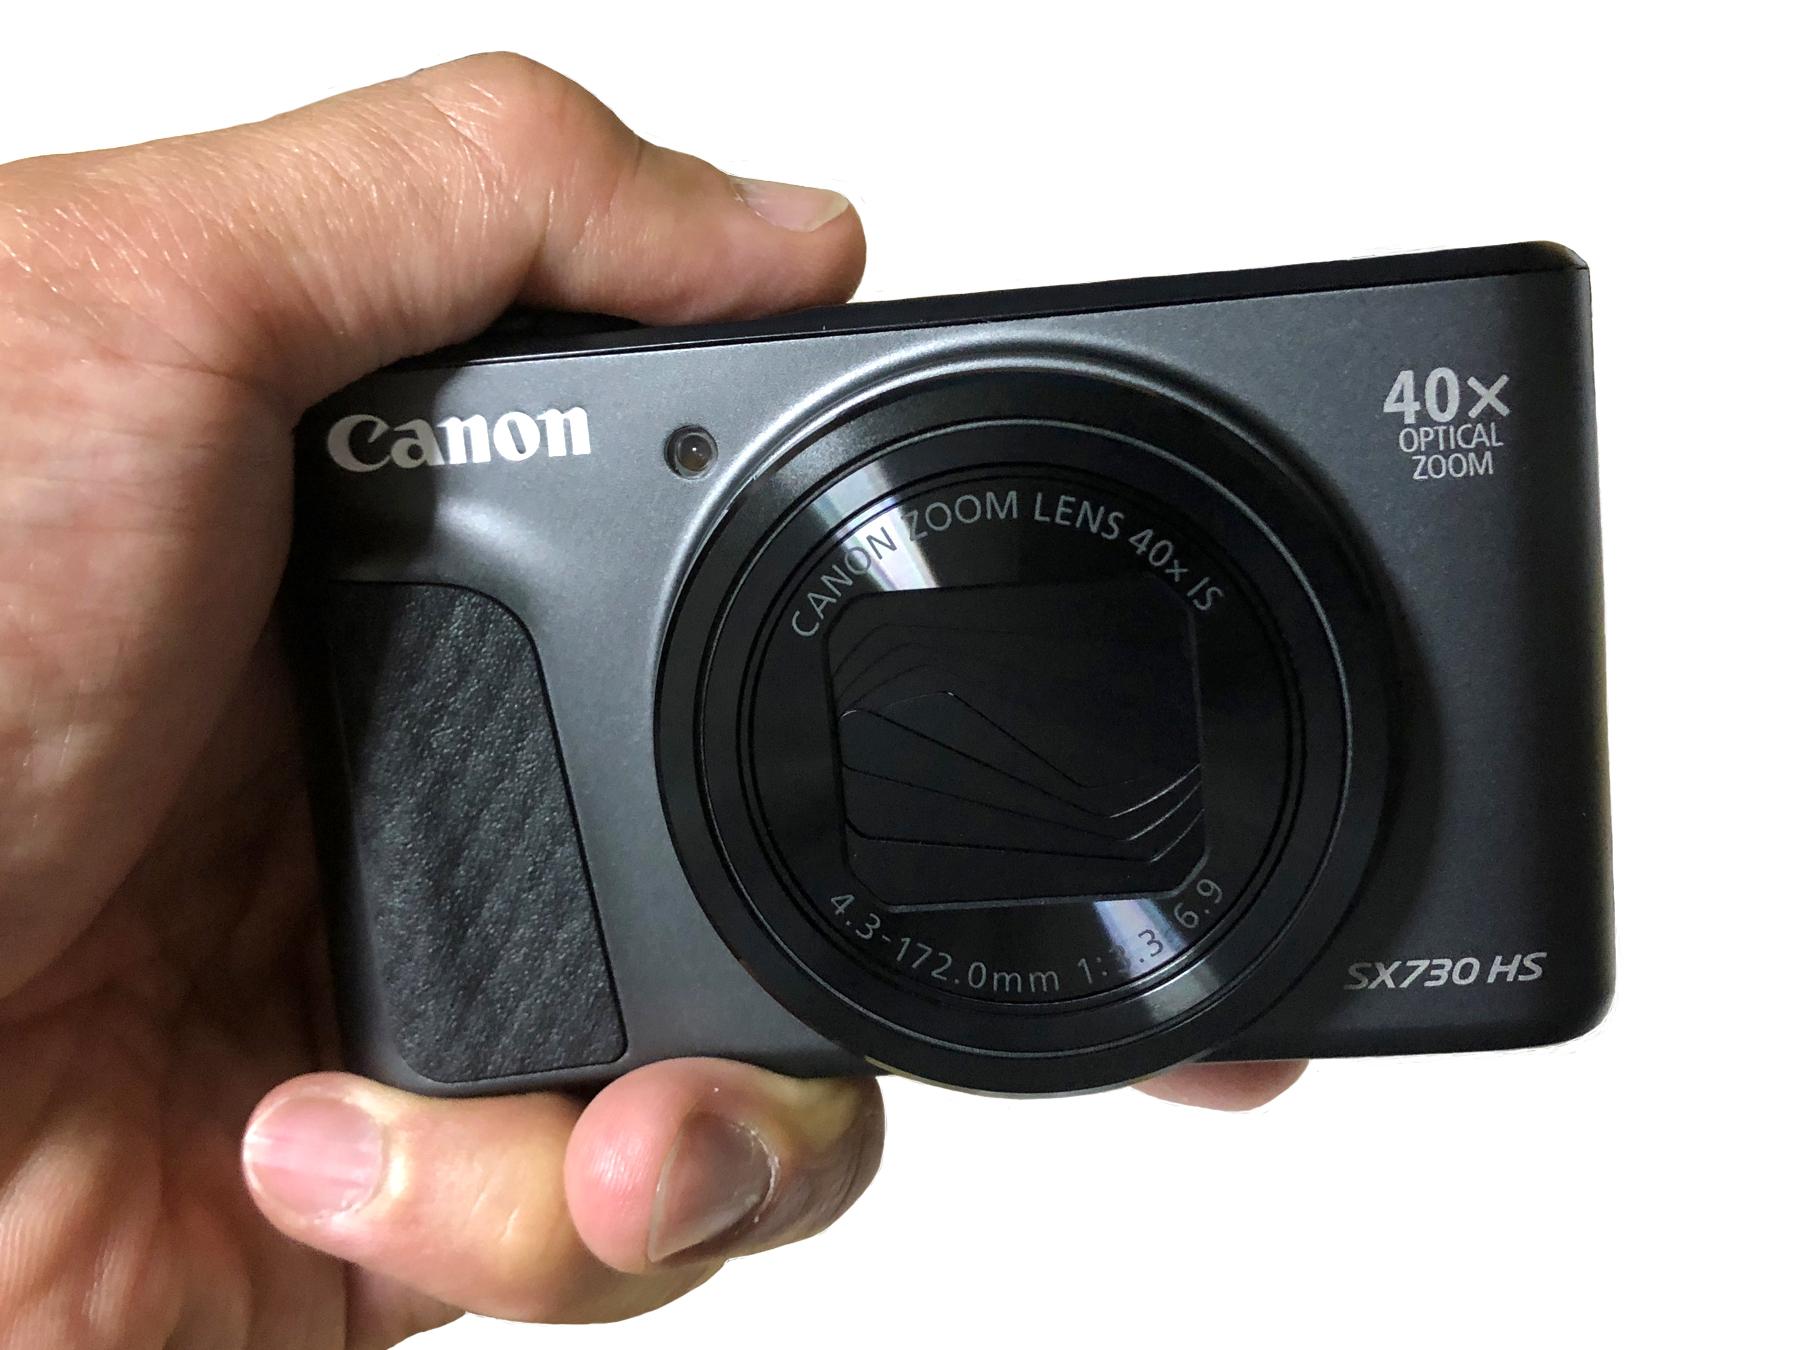 Топ-3 цифровых фотоаппаратов для любителей путешествовать - фото 3